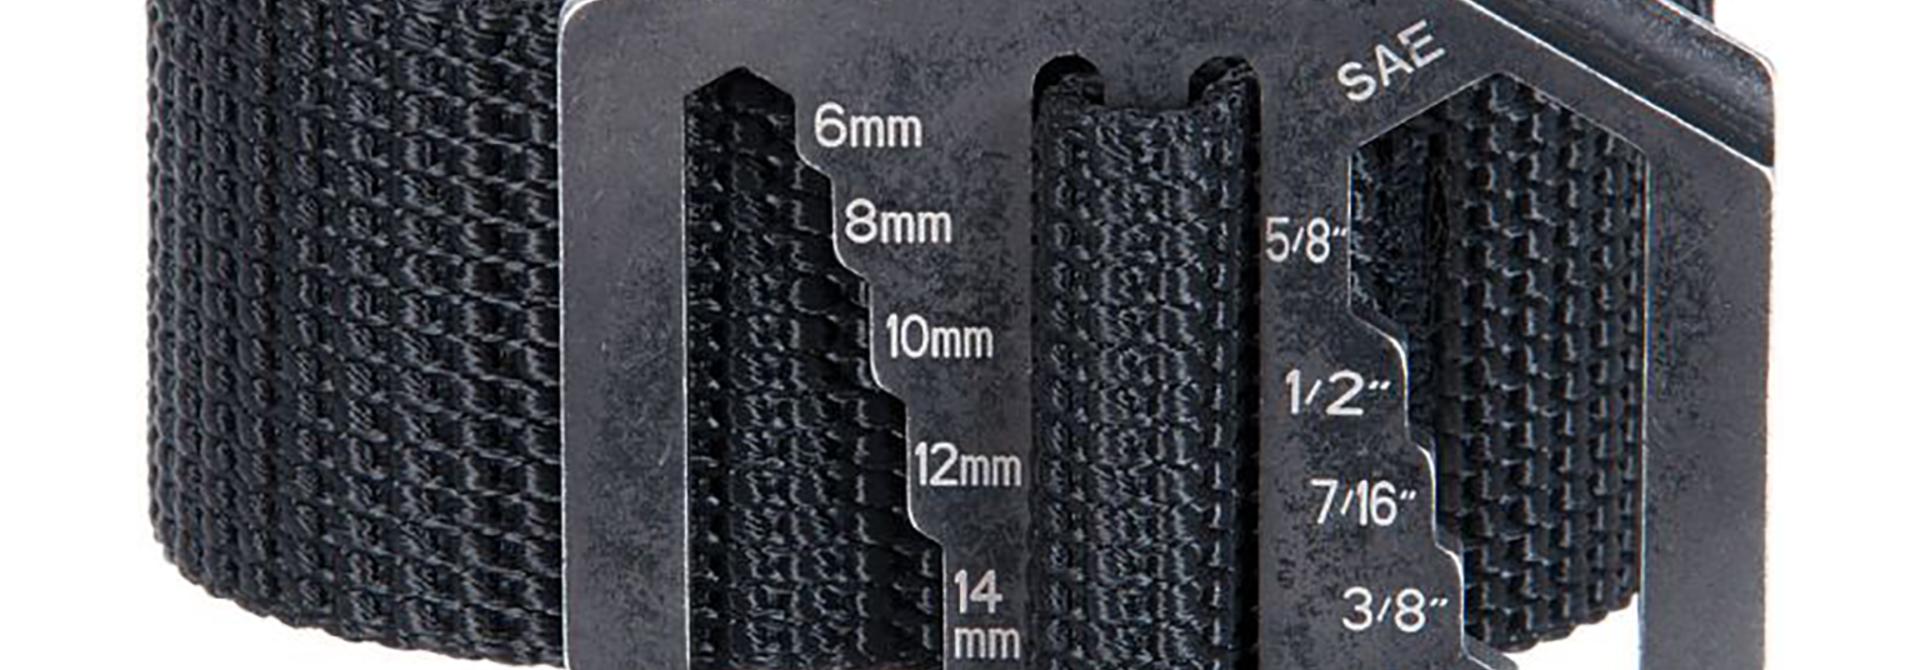 Kool Tool Belt, Large